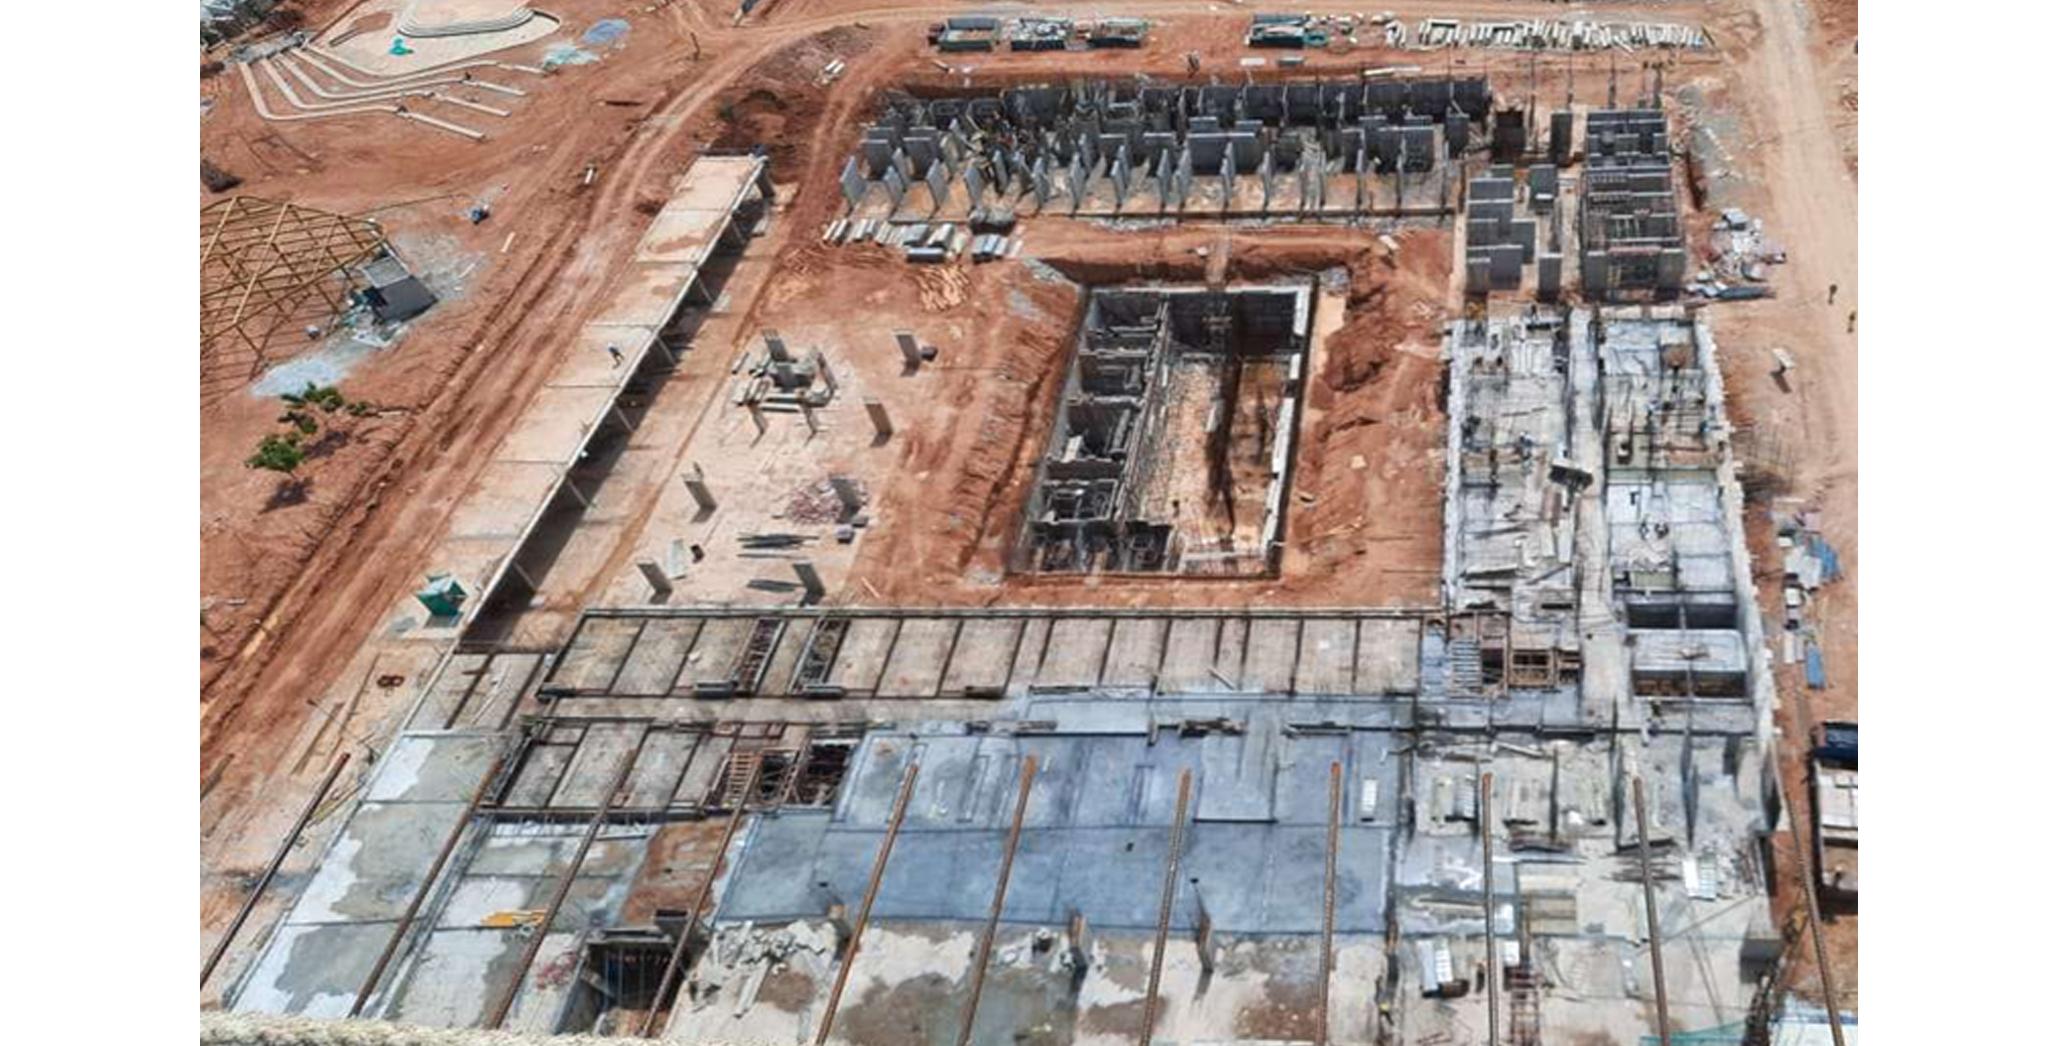 Aug 2021 - Feldspar Block: Overall Progress